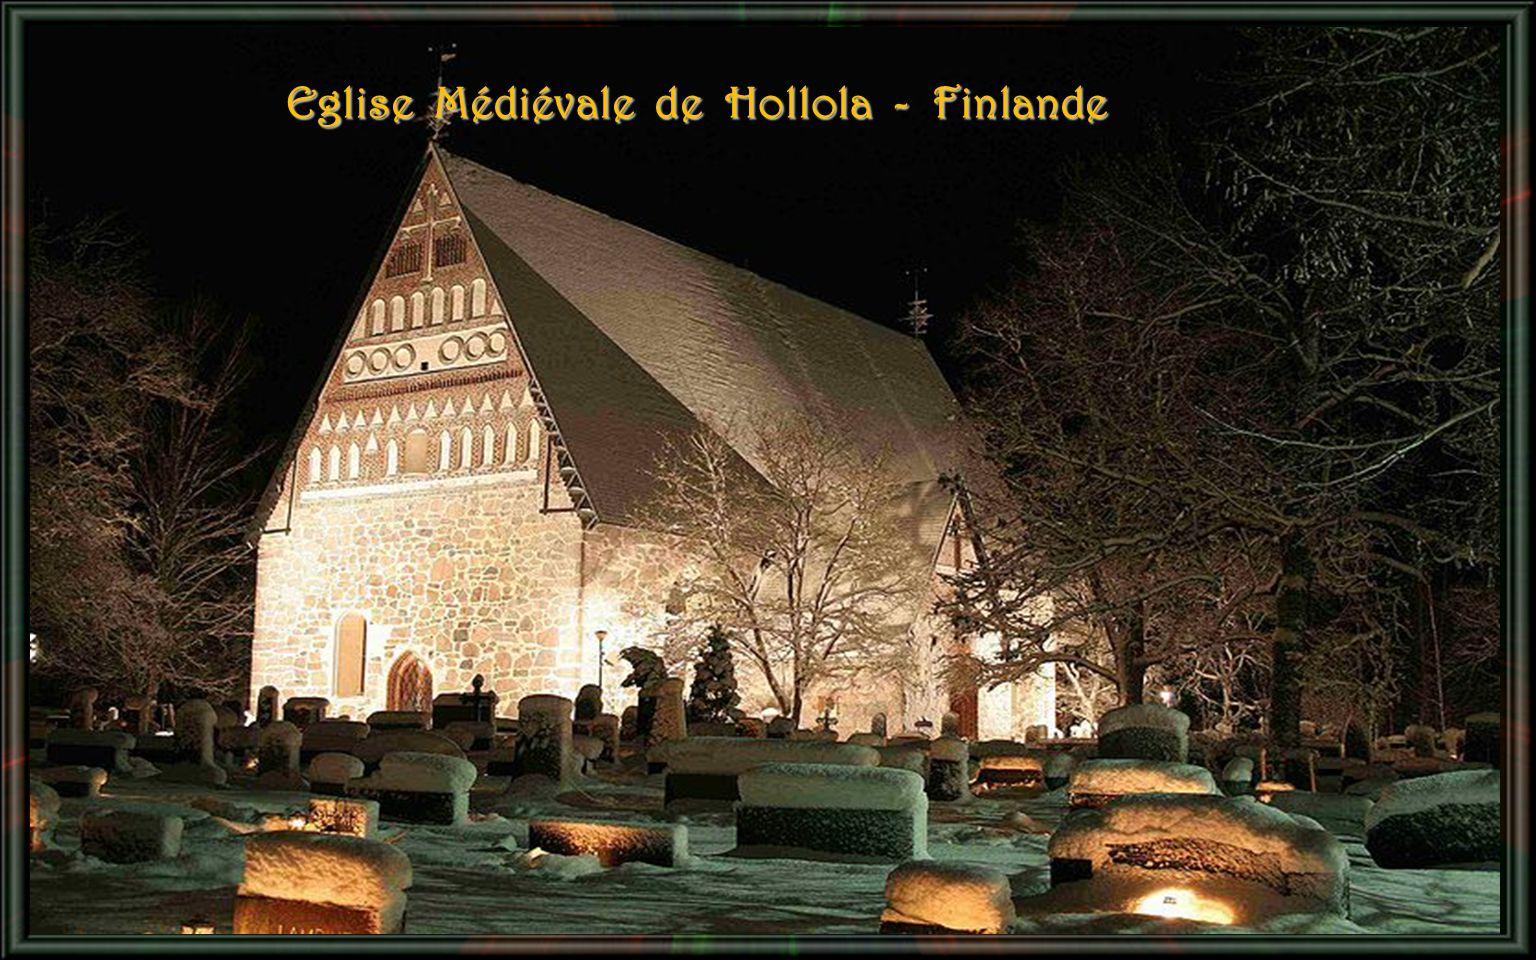 Eglise Médiévale de Hollola - Finlande